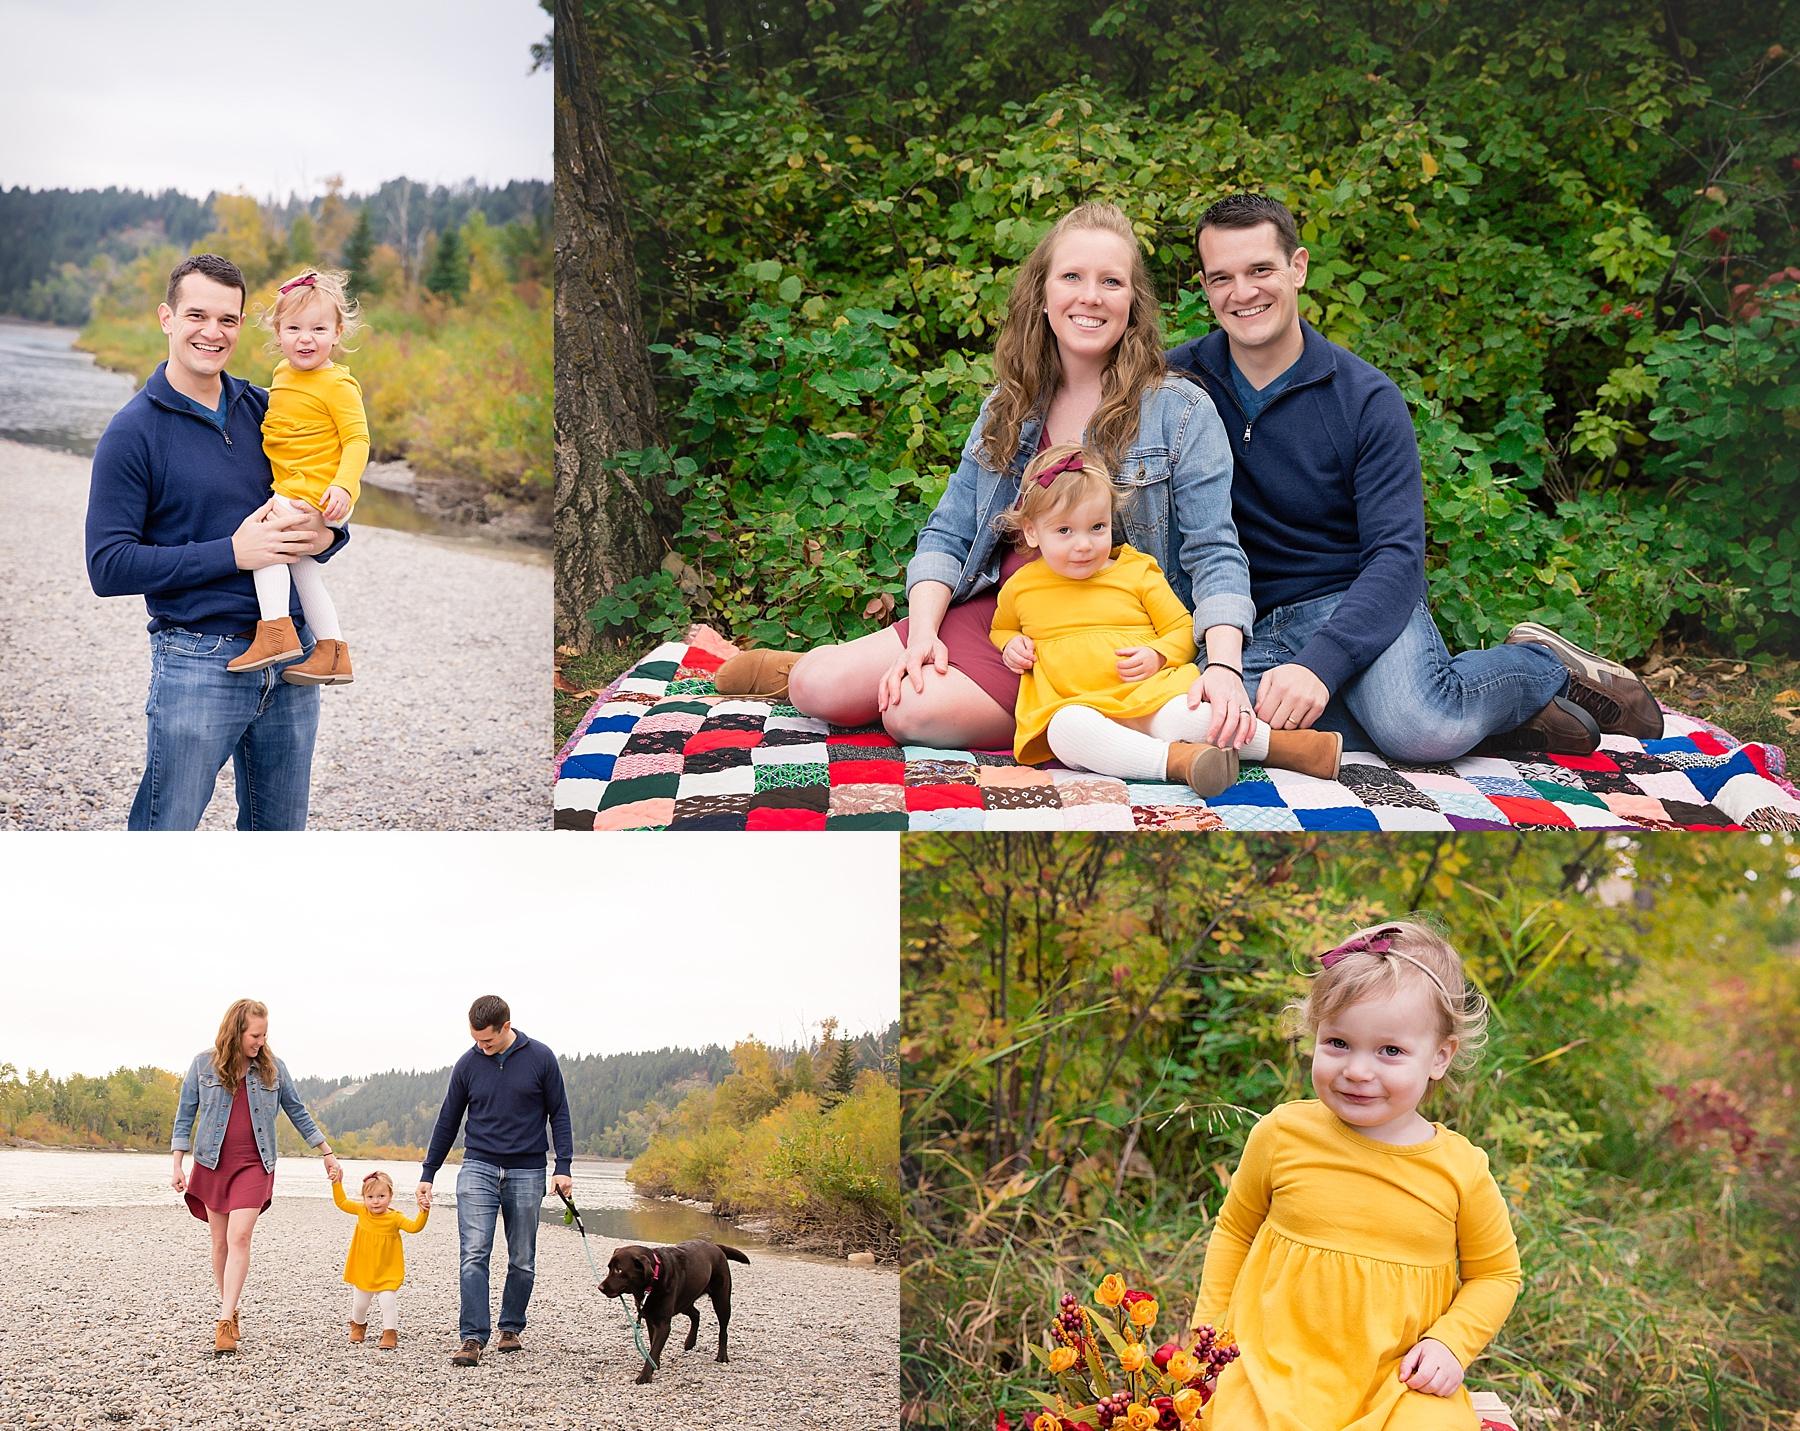 Calgary Fall Mini Session - Edworthy Park. Calgary Family Photos. Milashka Photography